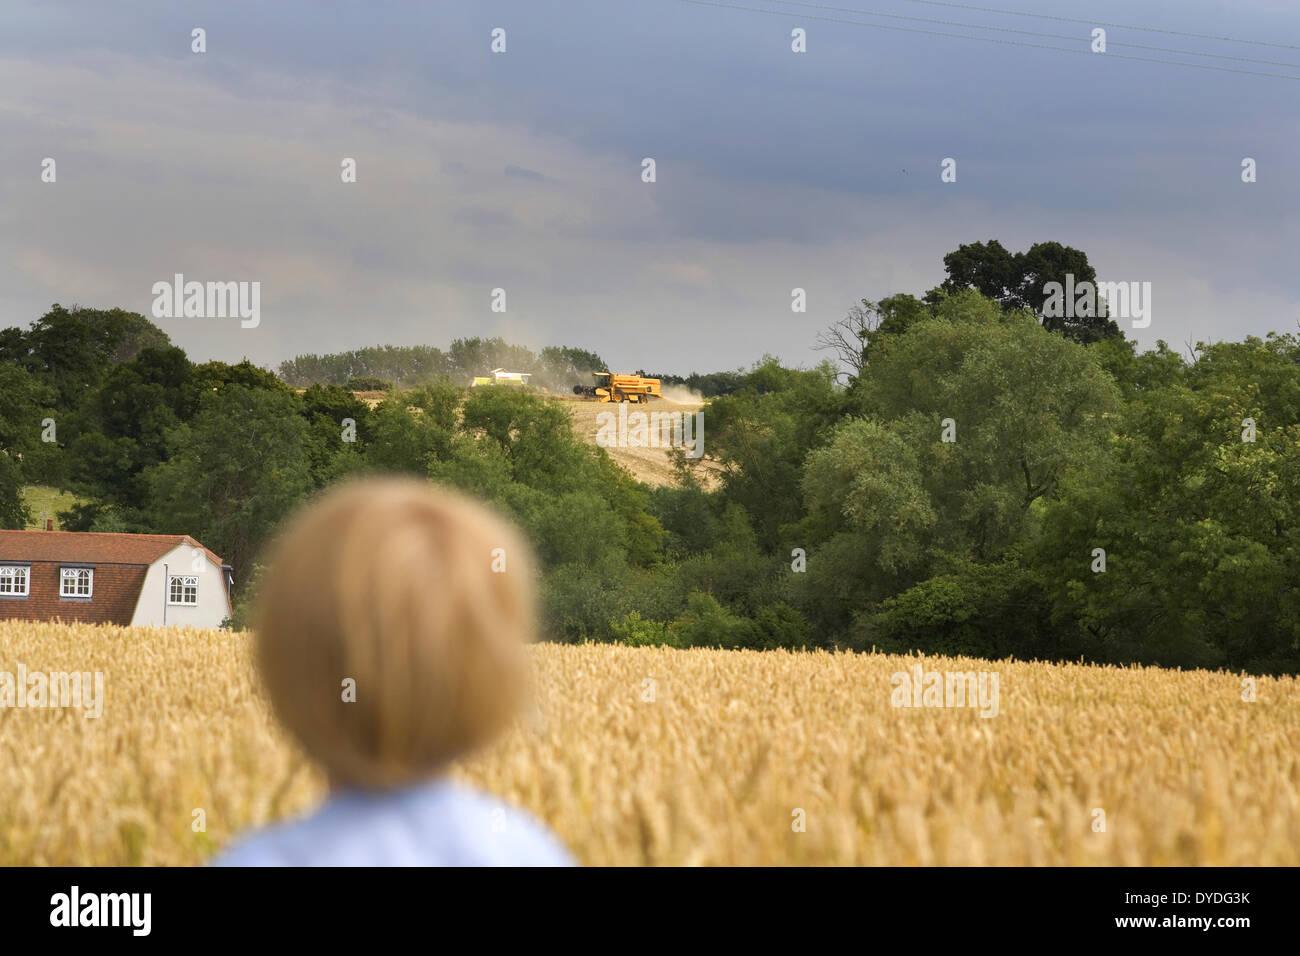 Ein kleiner Junge beobachtet den Mähdrescher in einem Weizenfeld im August. Stockbild